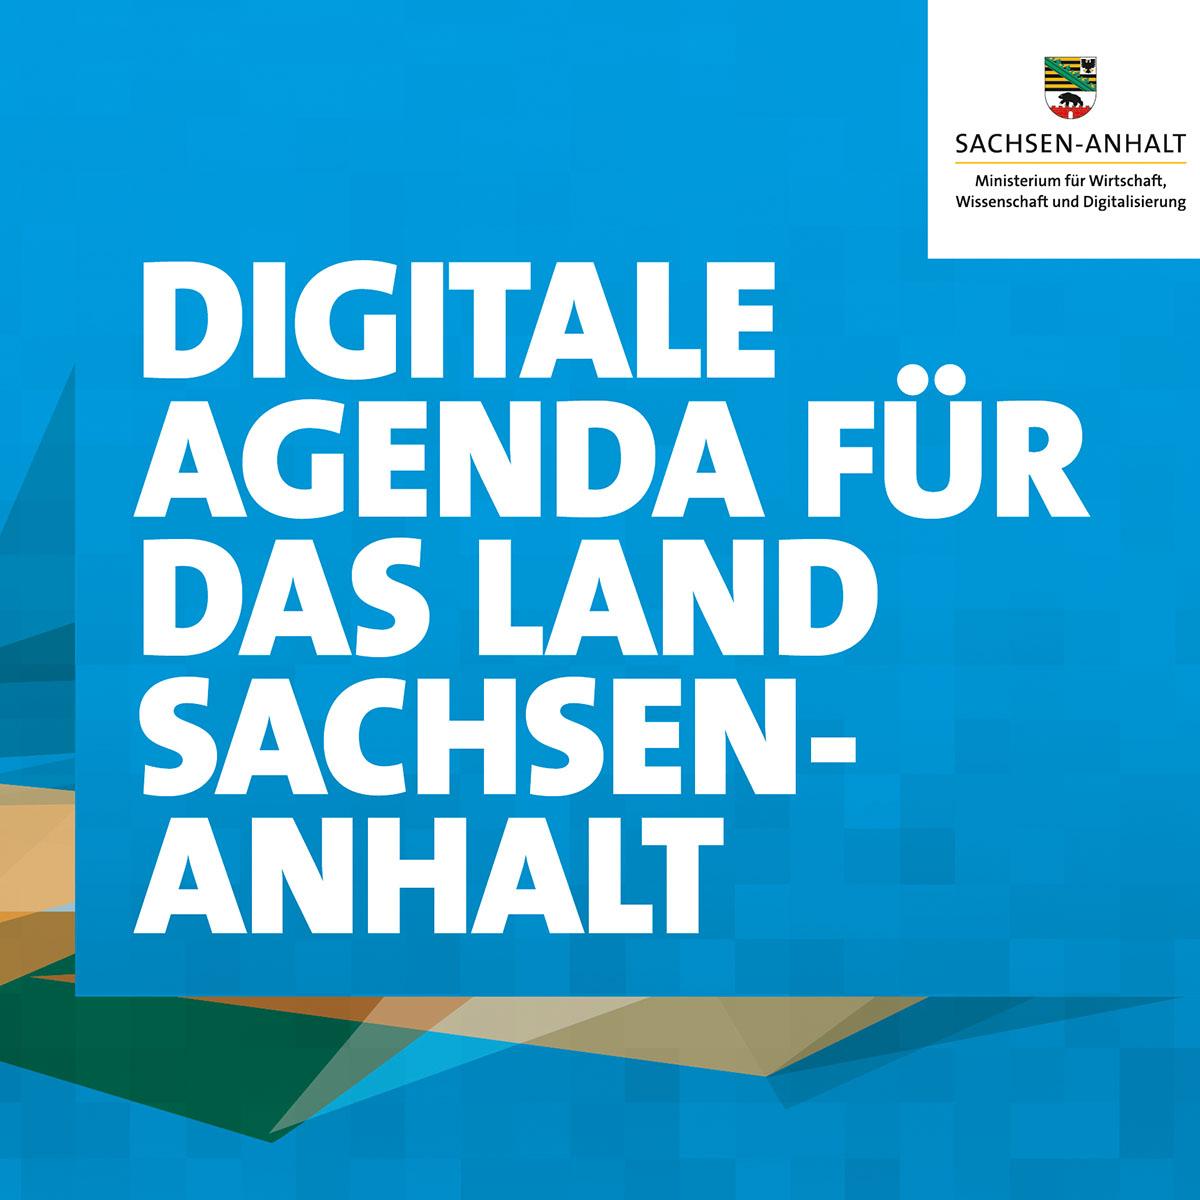 Keyvisual für die Digitale Agenda für das Land Sachsen-Anhalt